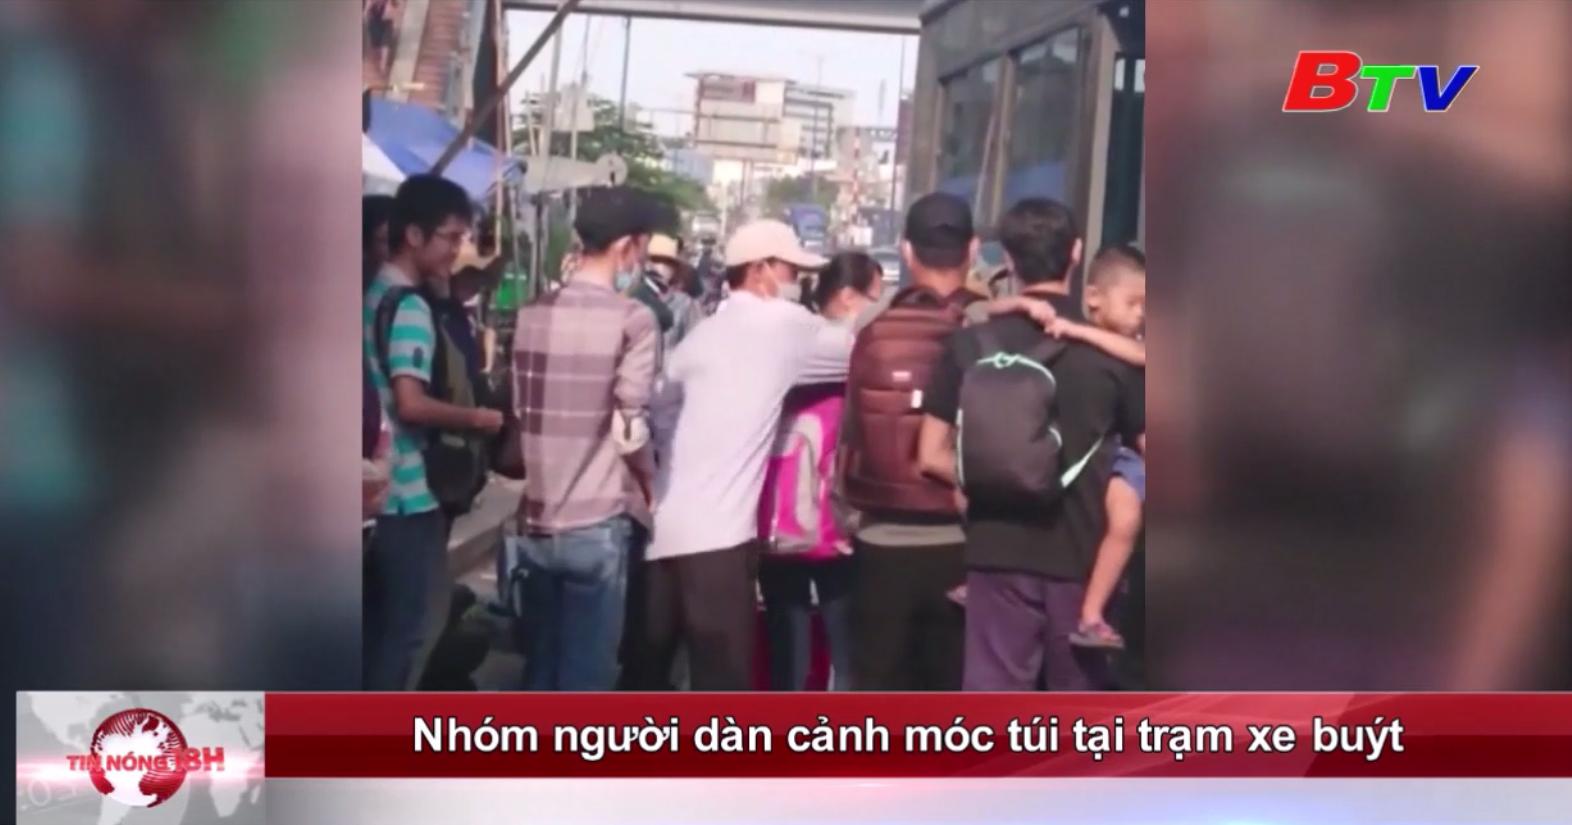 Nhóm người dàn cảnh móc túi tại trạm xe buýt